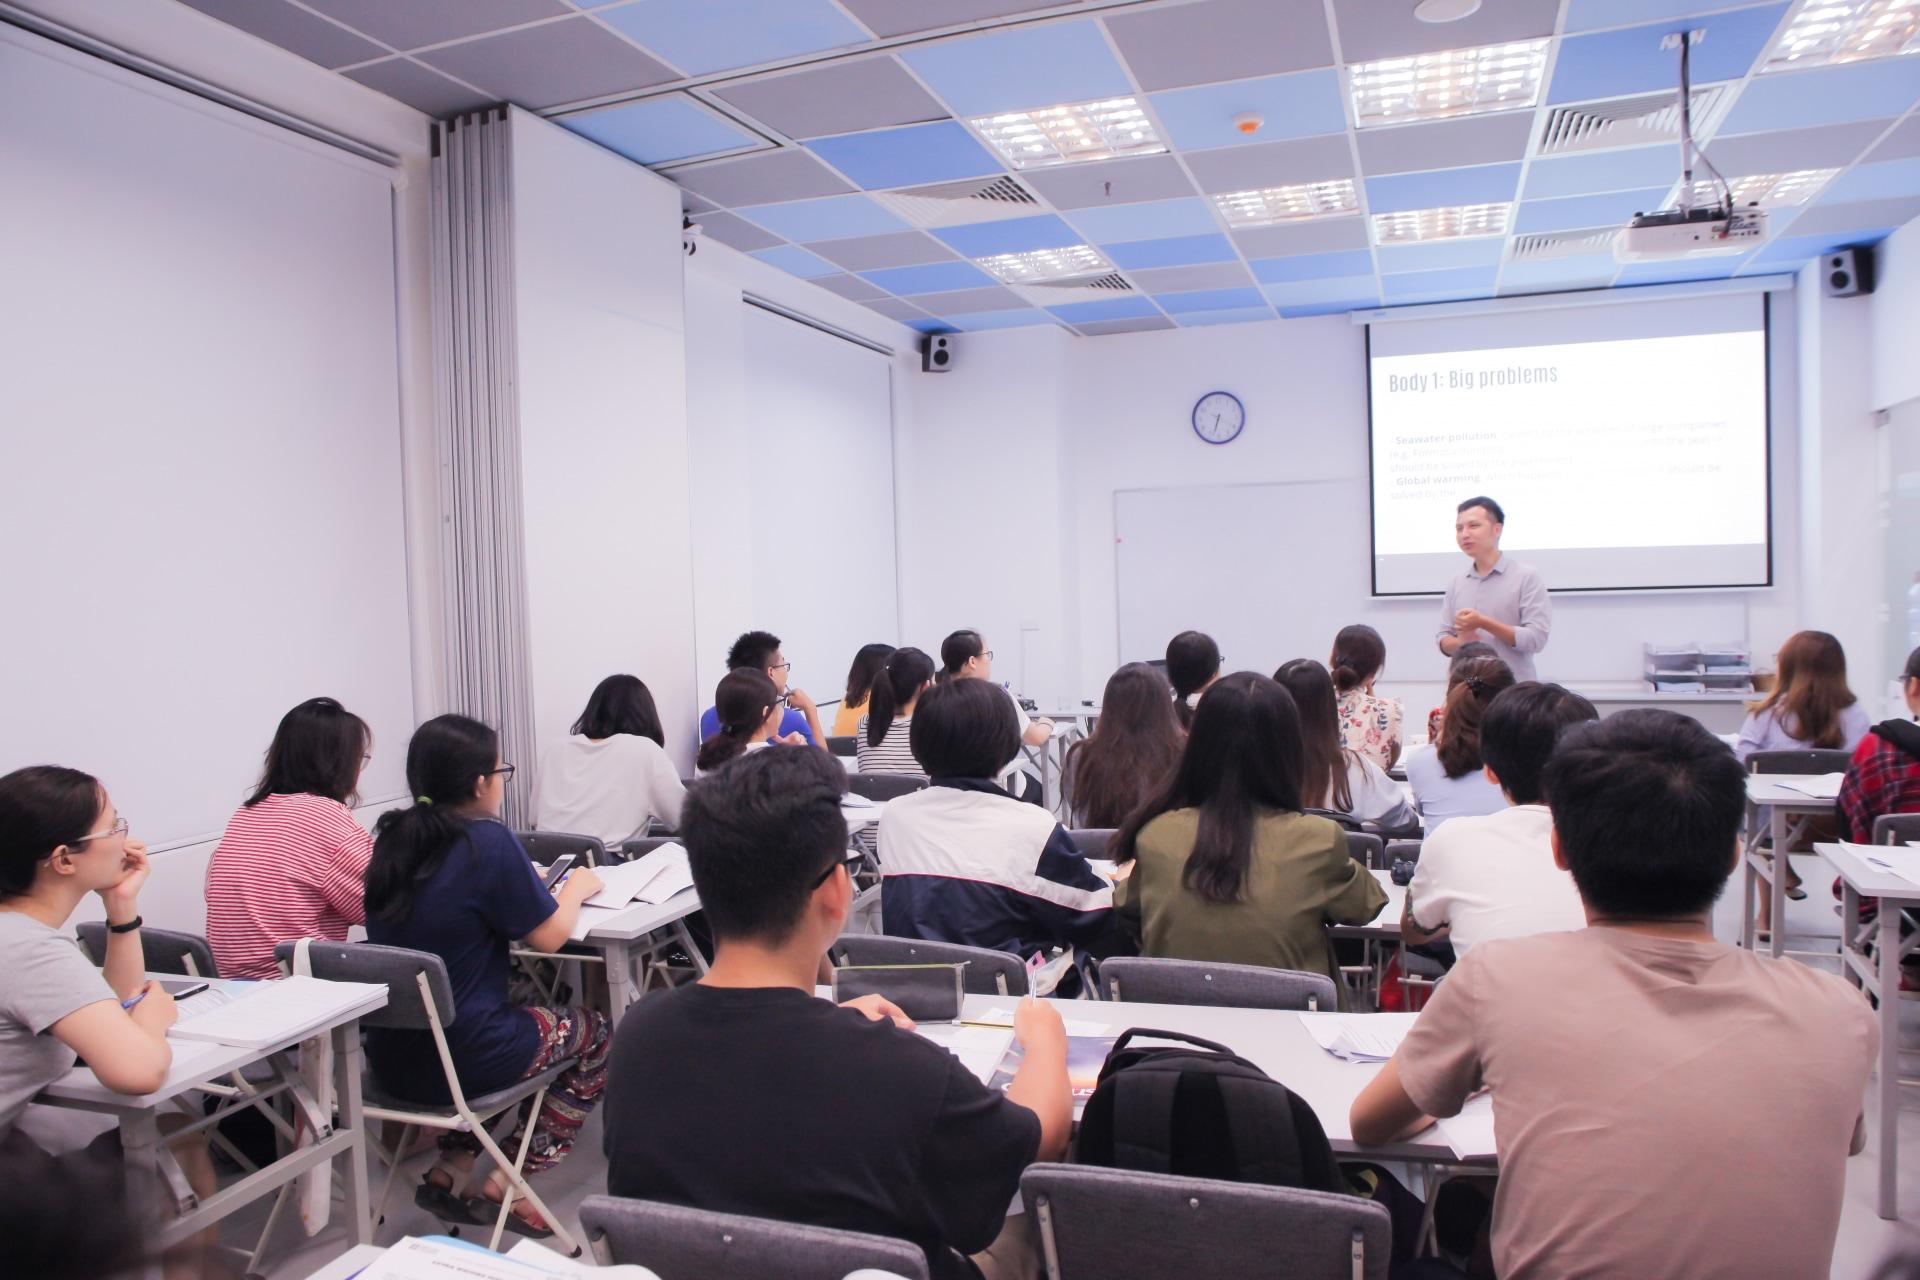 IPP IELTS - trung tâm luyện thi ielts tốt ở tphcm